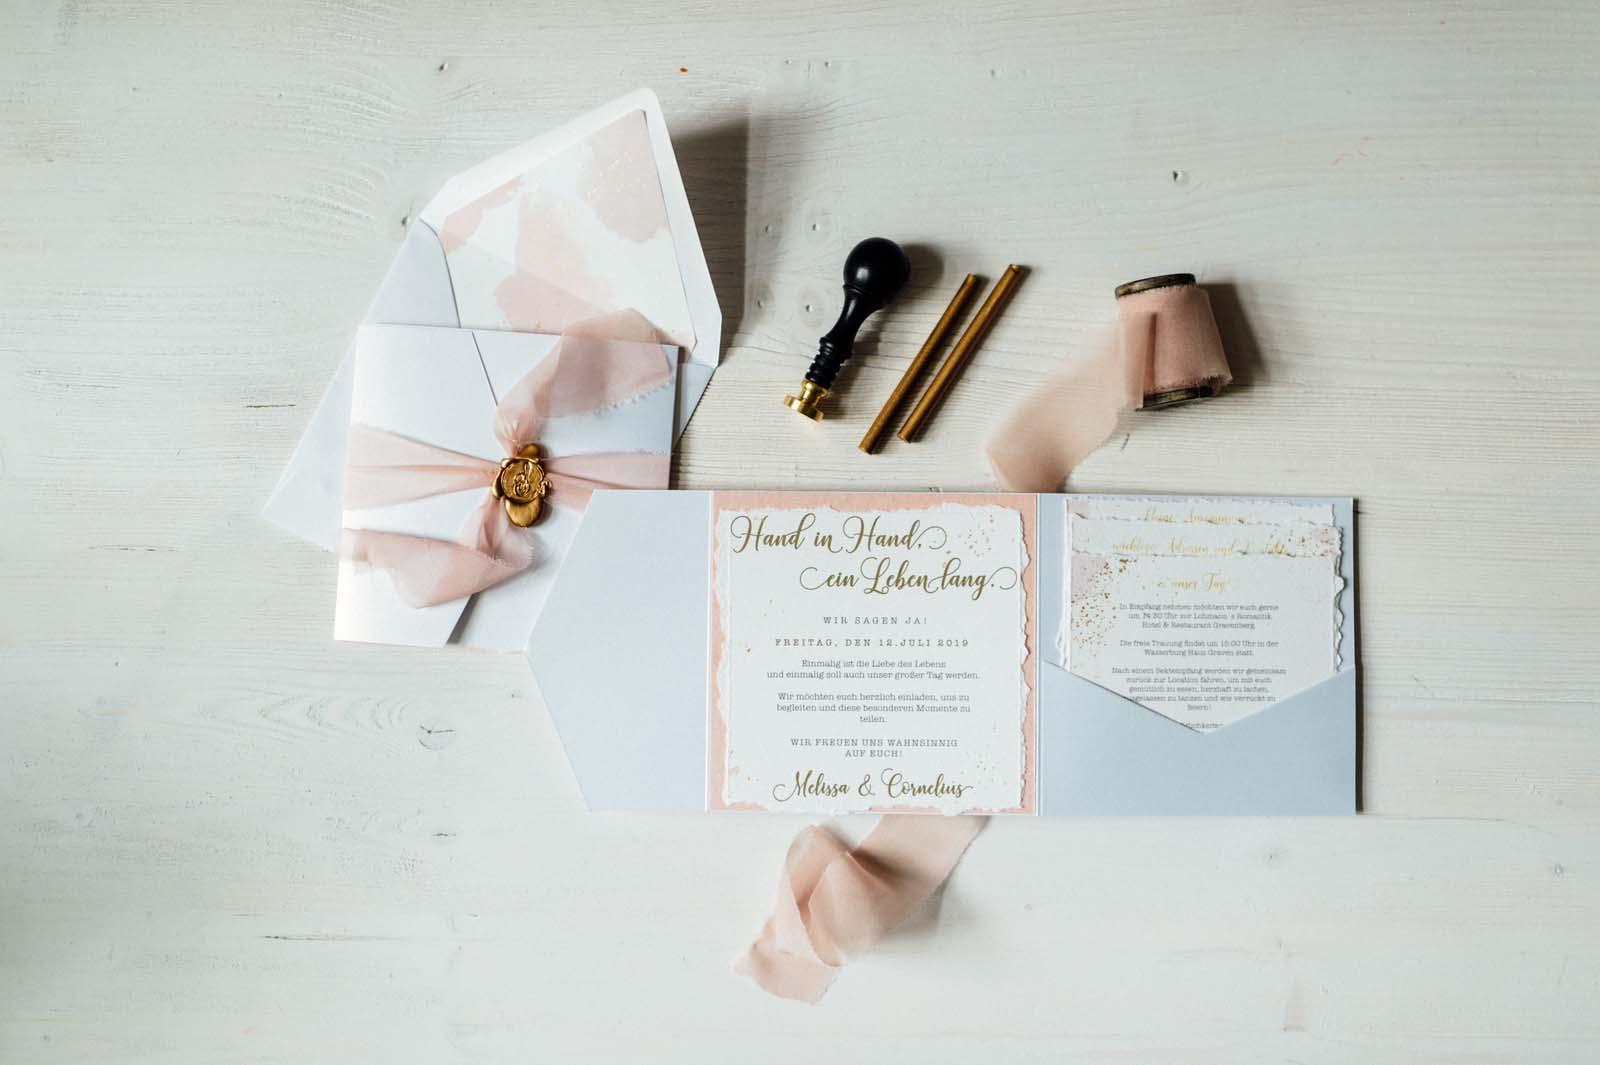 Rosa Hochzeitseinladung Heißfolienprägung Gold Wachssiegel Seidenband Goldverzierung Goldveredelung Goldfolienprägung Hochzeitskarten Hochzeitspapeterie Einladungskarte Karte Einladung